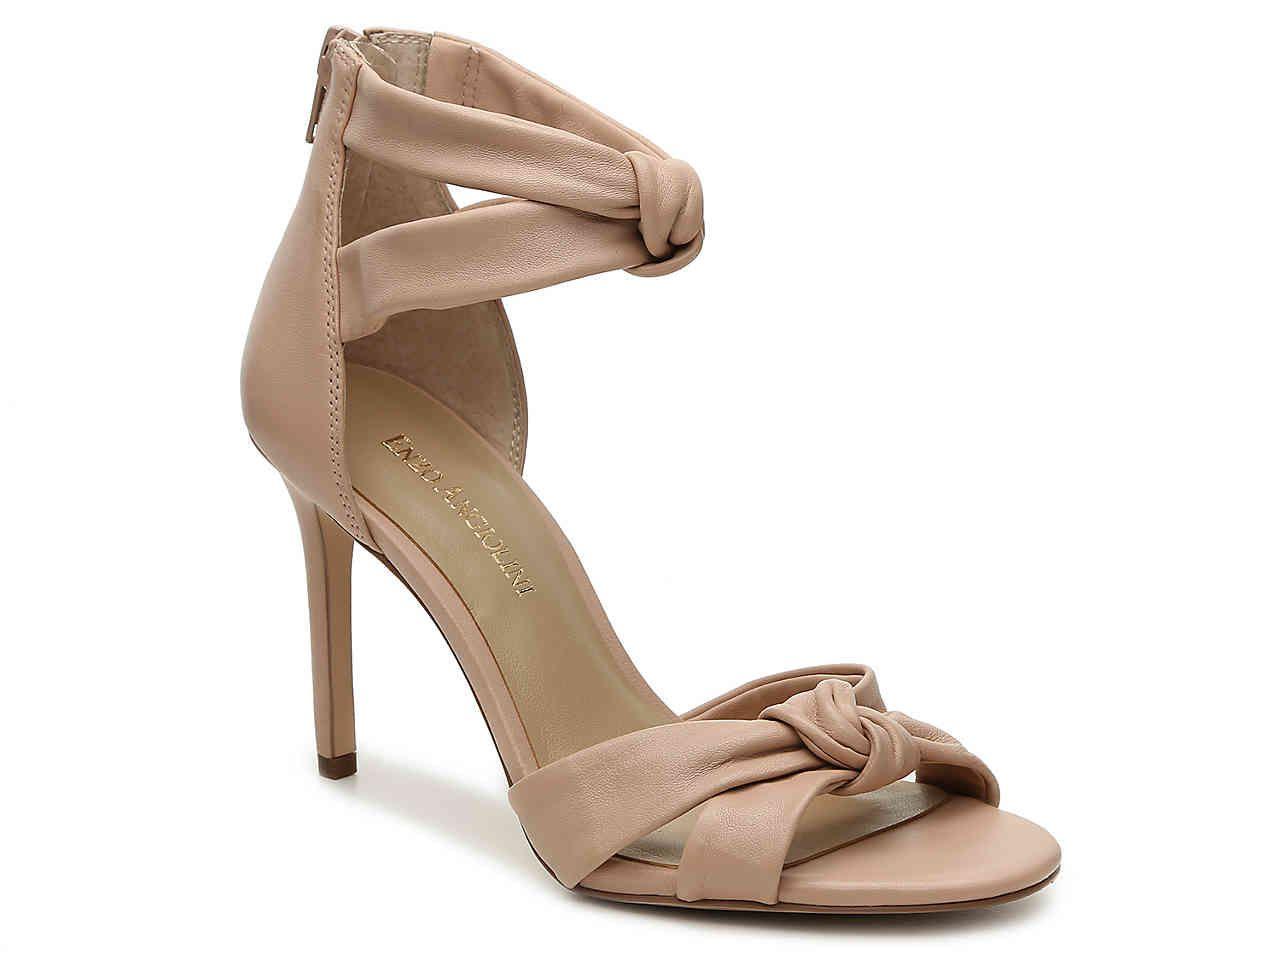 cd3a4447756 Gesine Sandal